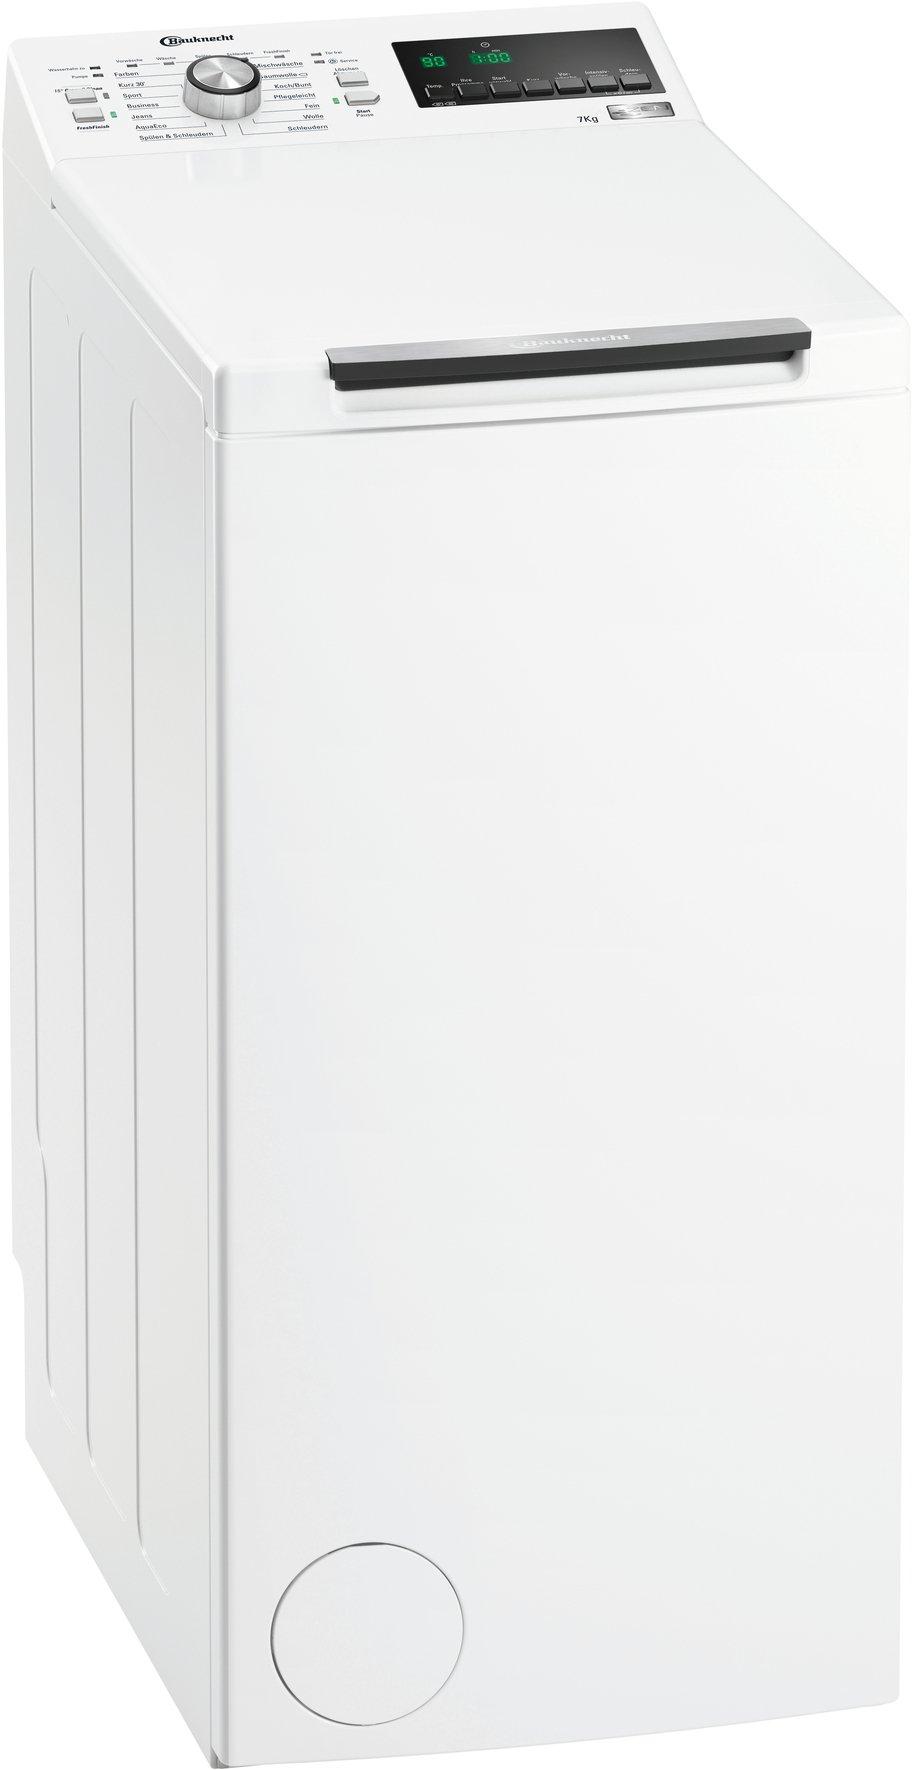 Bauknecht-WMT-Style-722-ZEN-Waschmaschine-TLA-174-kWhJahr-1200-UpM-7-kgextrem-leise-mit-48-dbDirektantriebwei